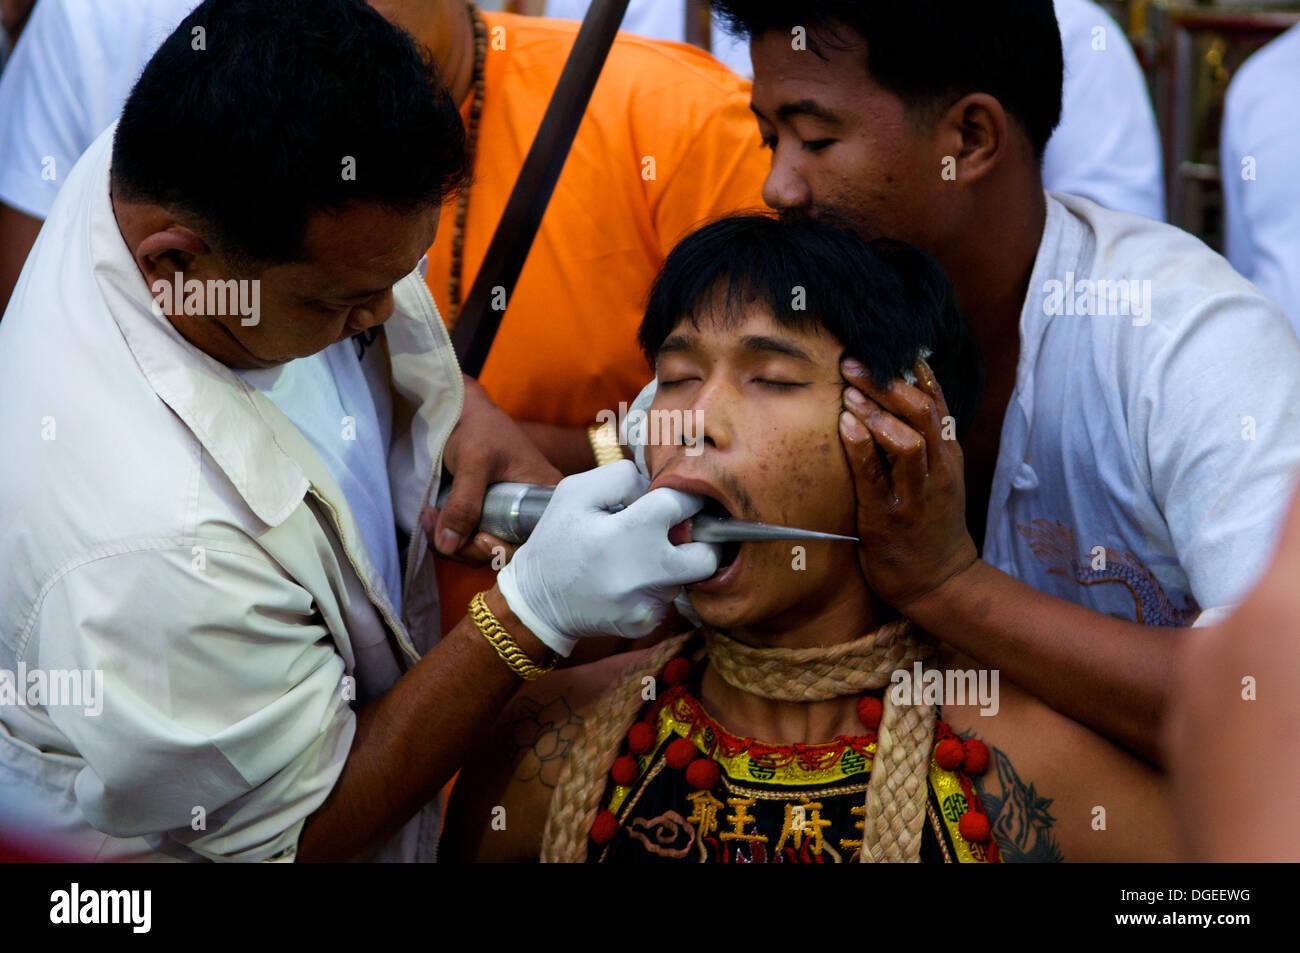 Ma-Thong (media di spirito) getting guancia trafitto con piercing gage durante il Phuket Festival vegetariano, città di Phuket, Tailandia Immagini Stock